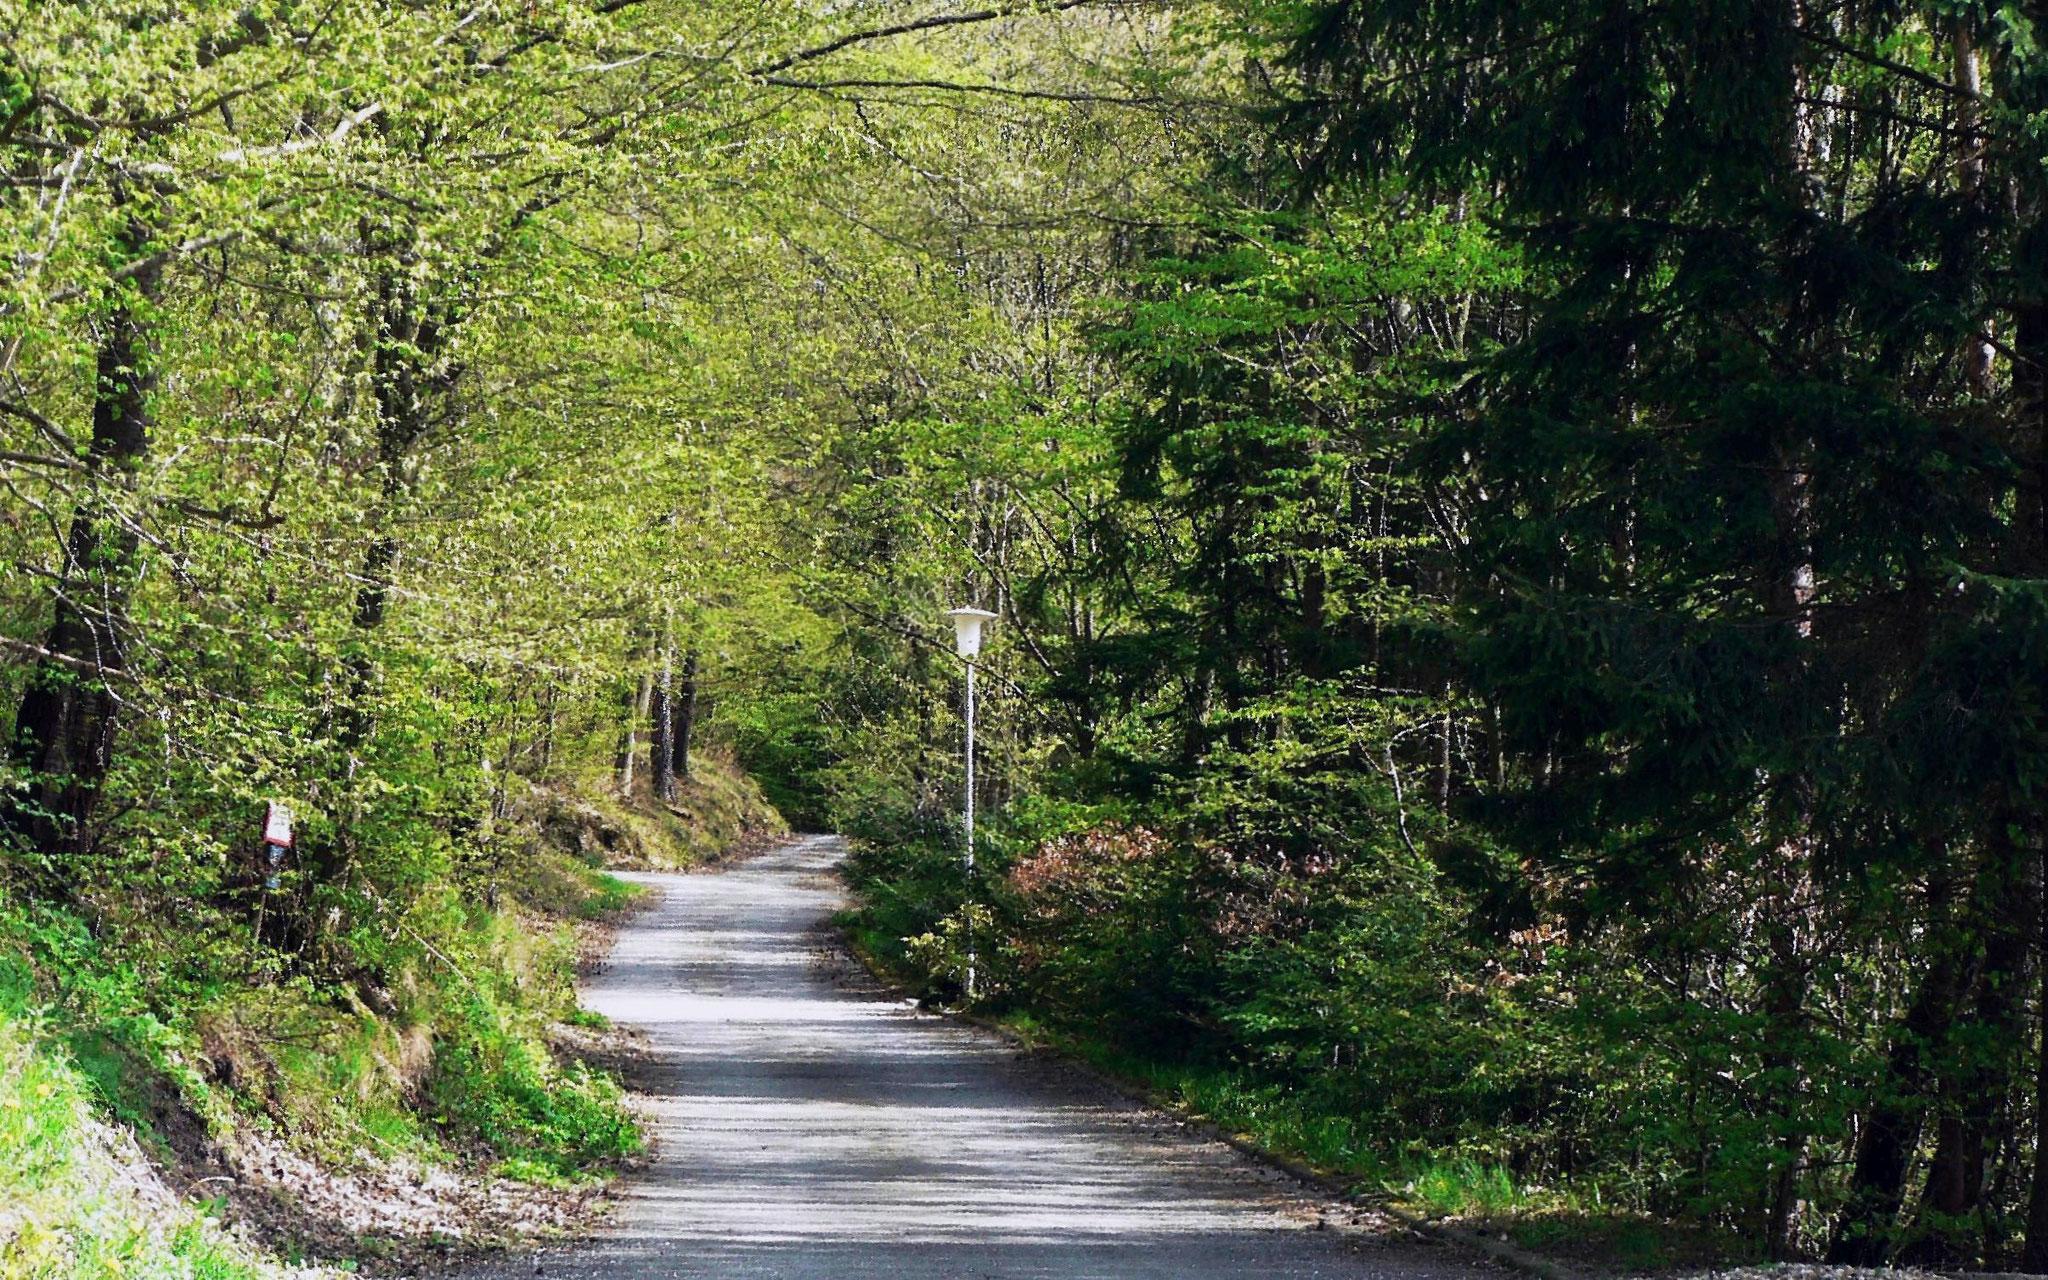 Waldweg als Fortsetzung der Sonnenstraße